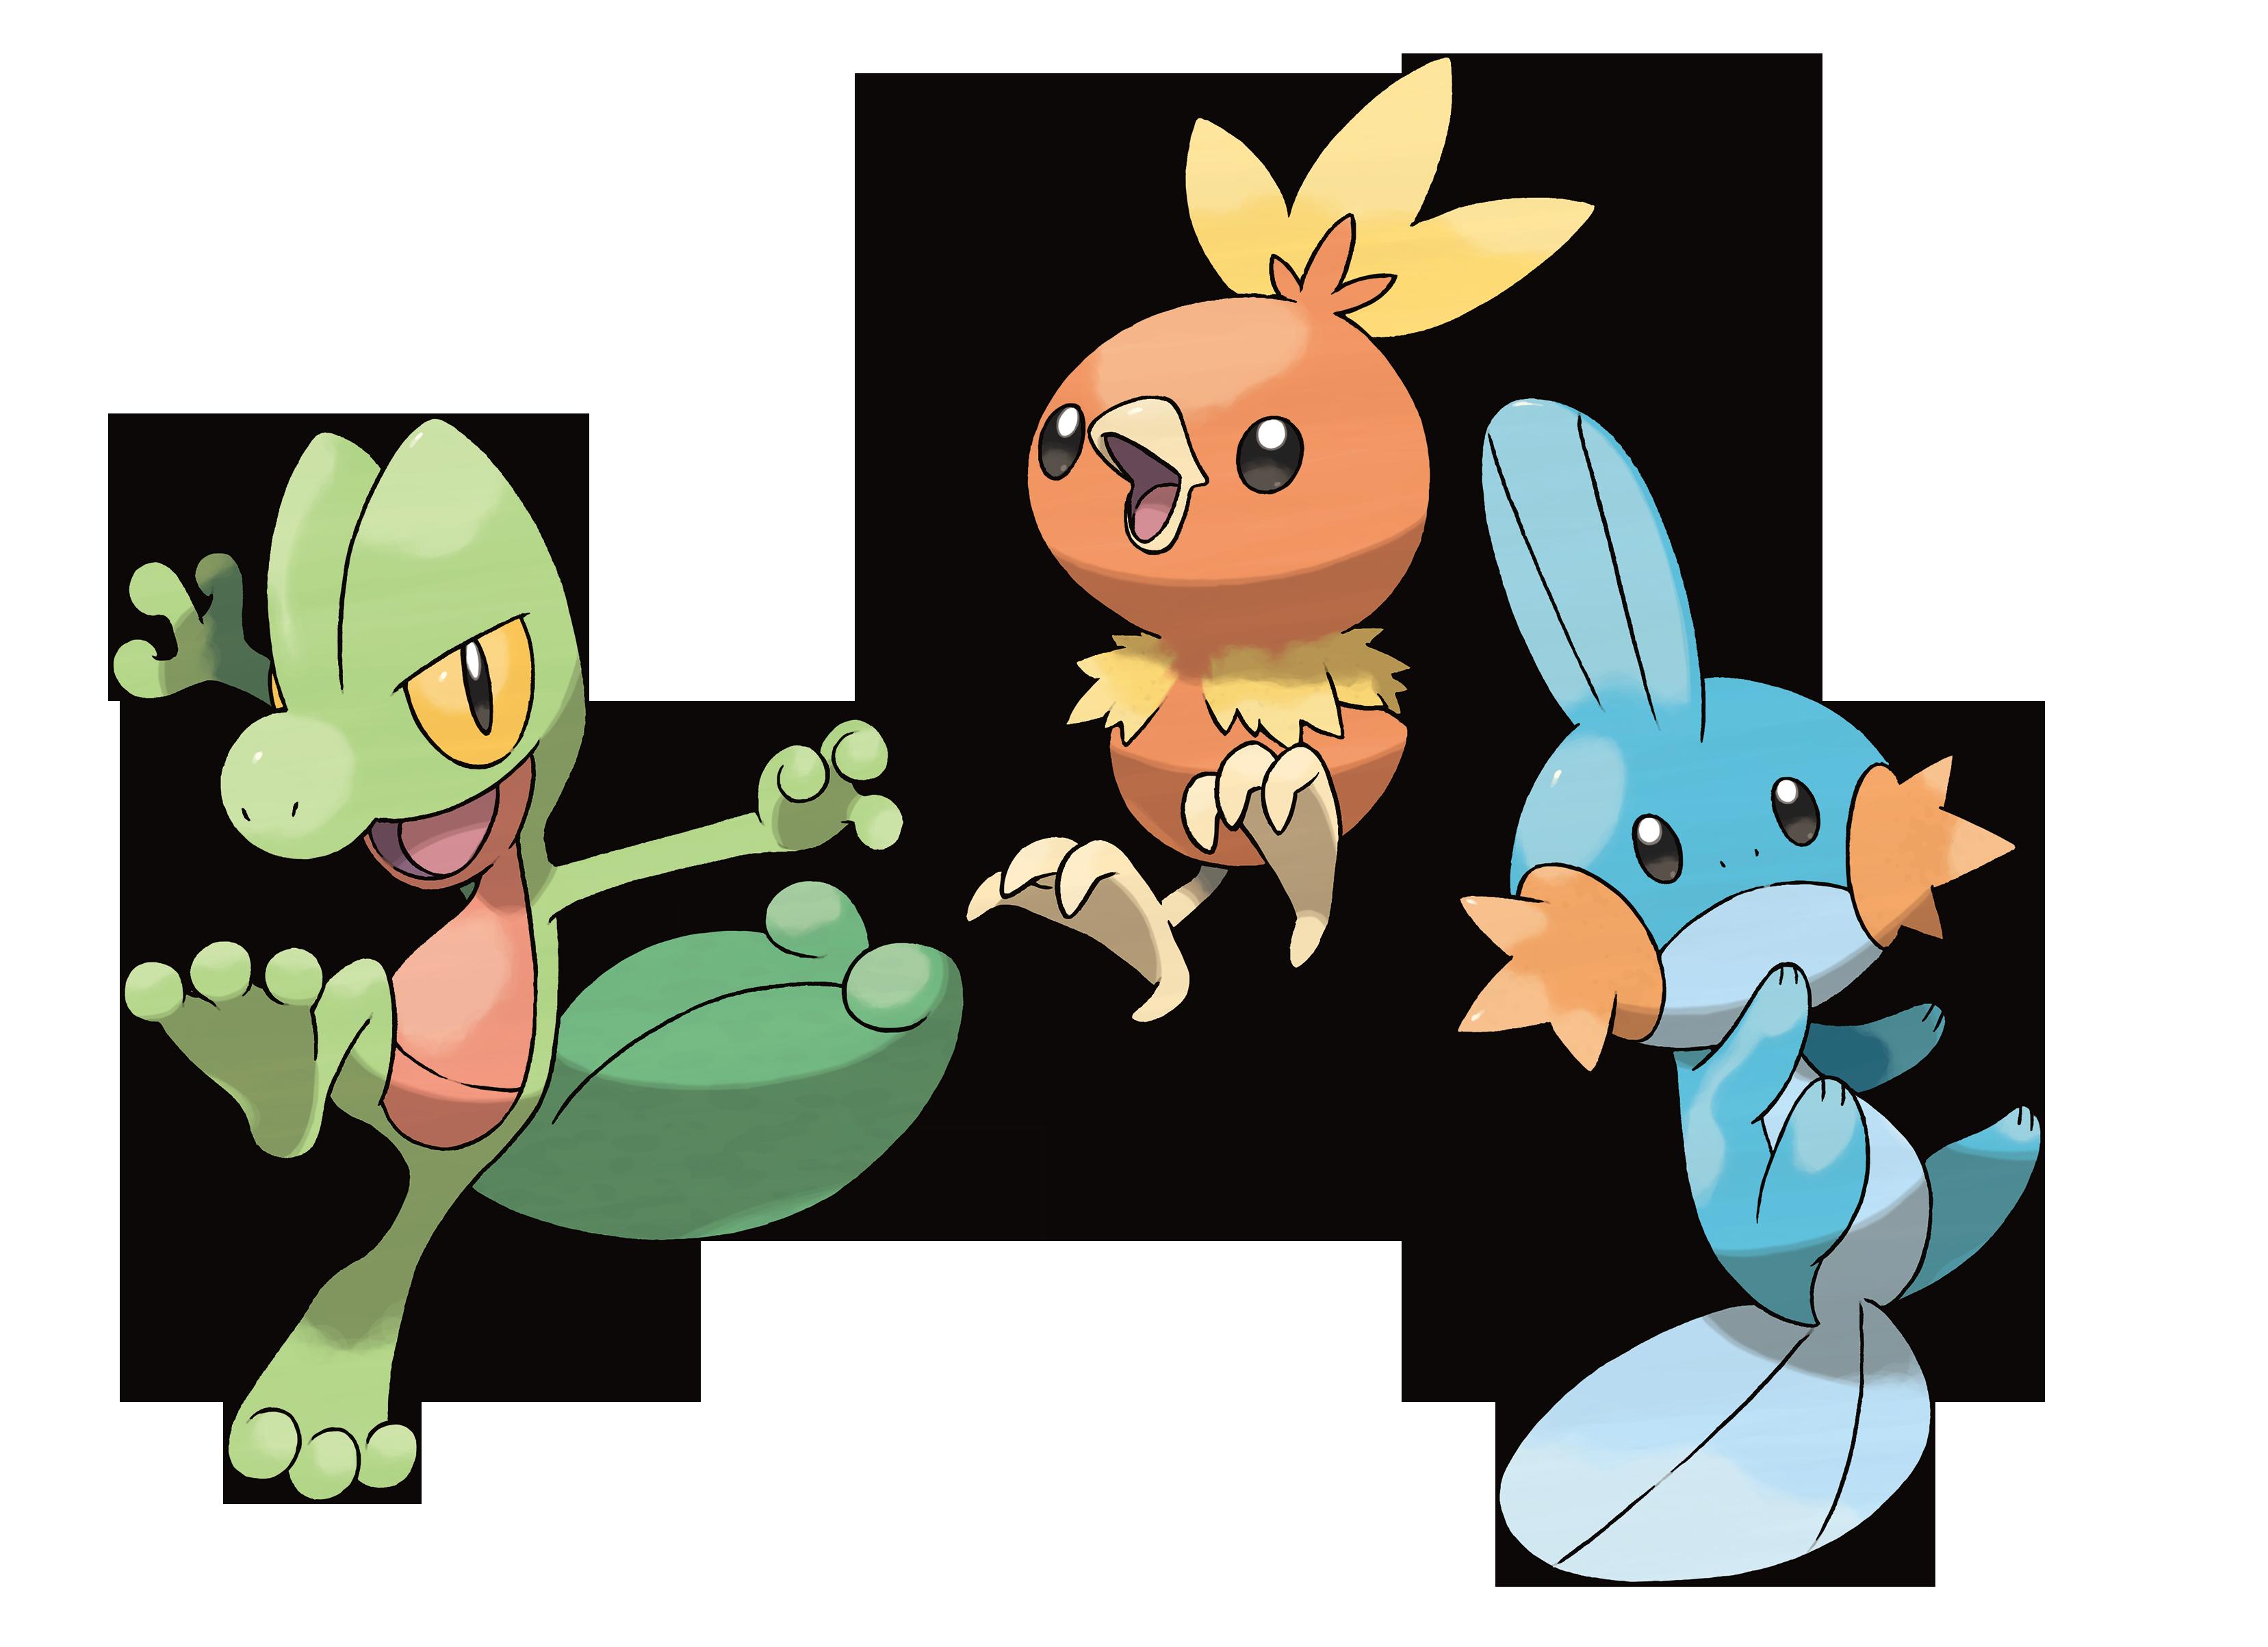 Image pok mon know. Pokemon clipart mega